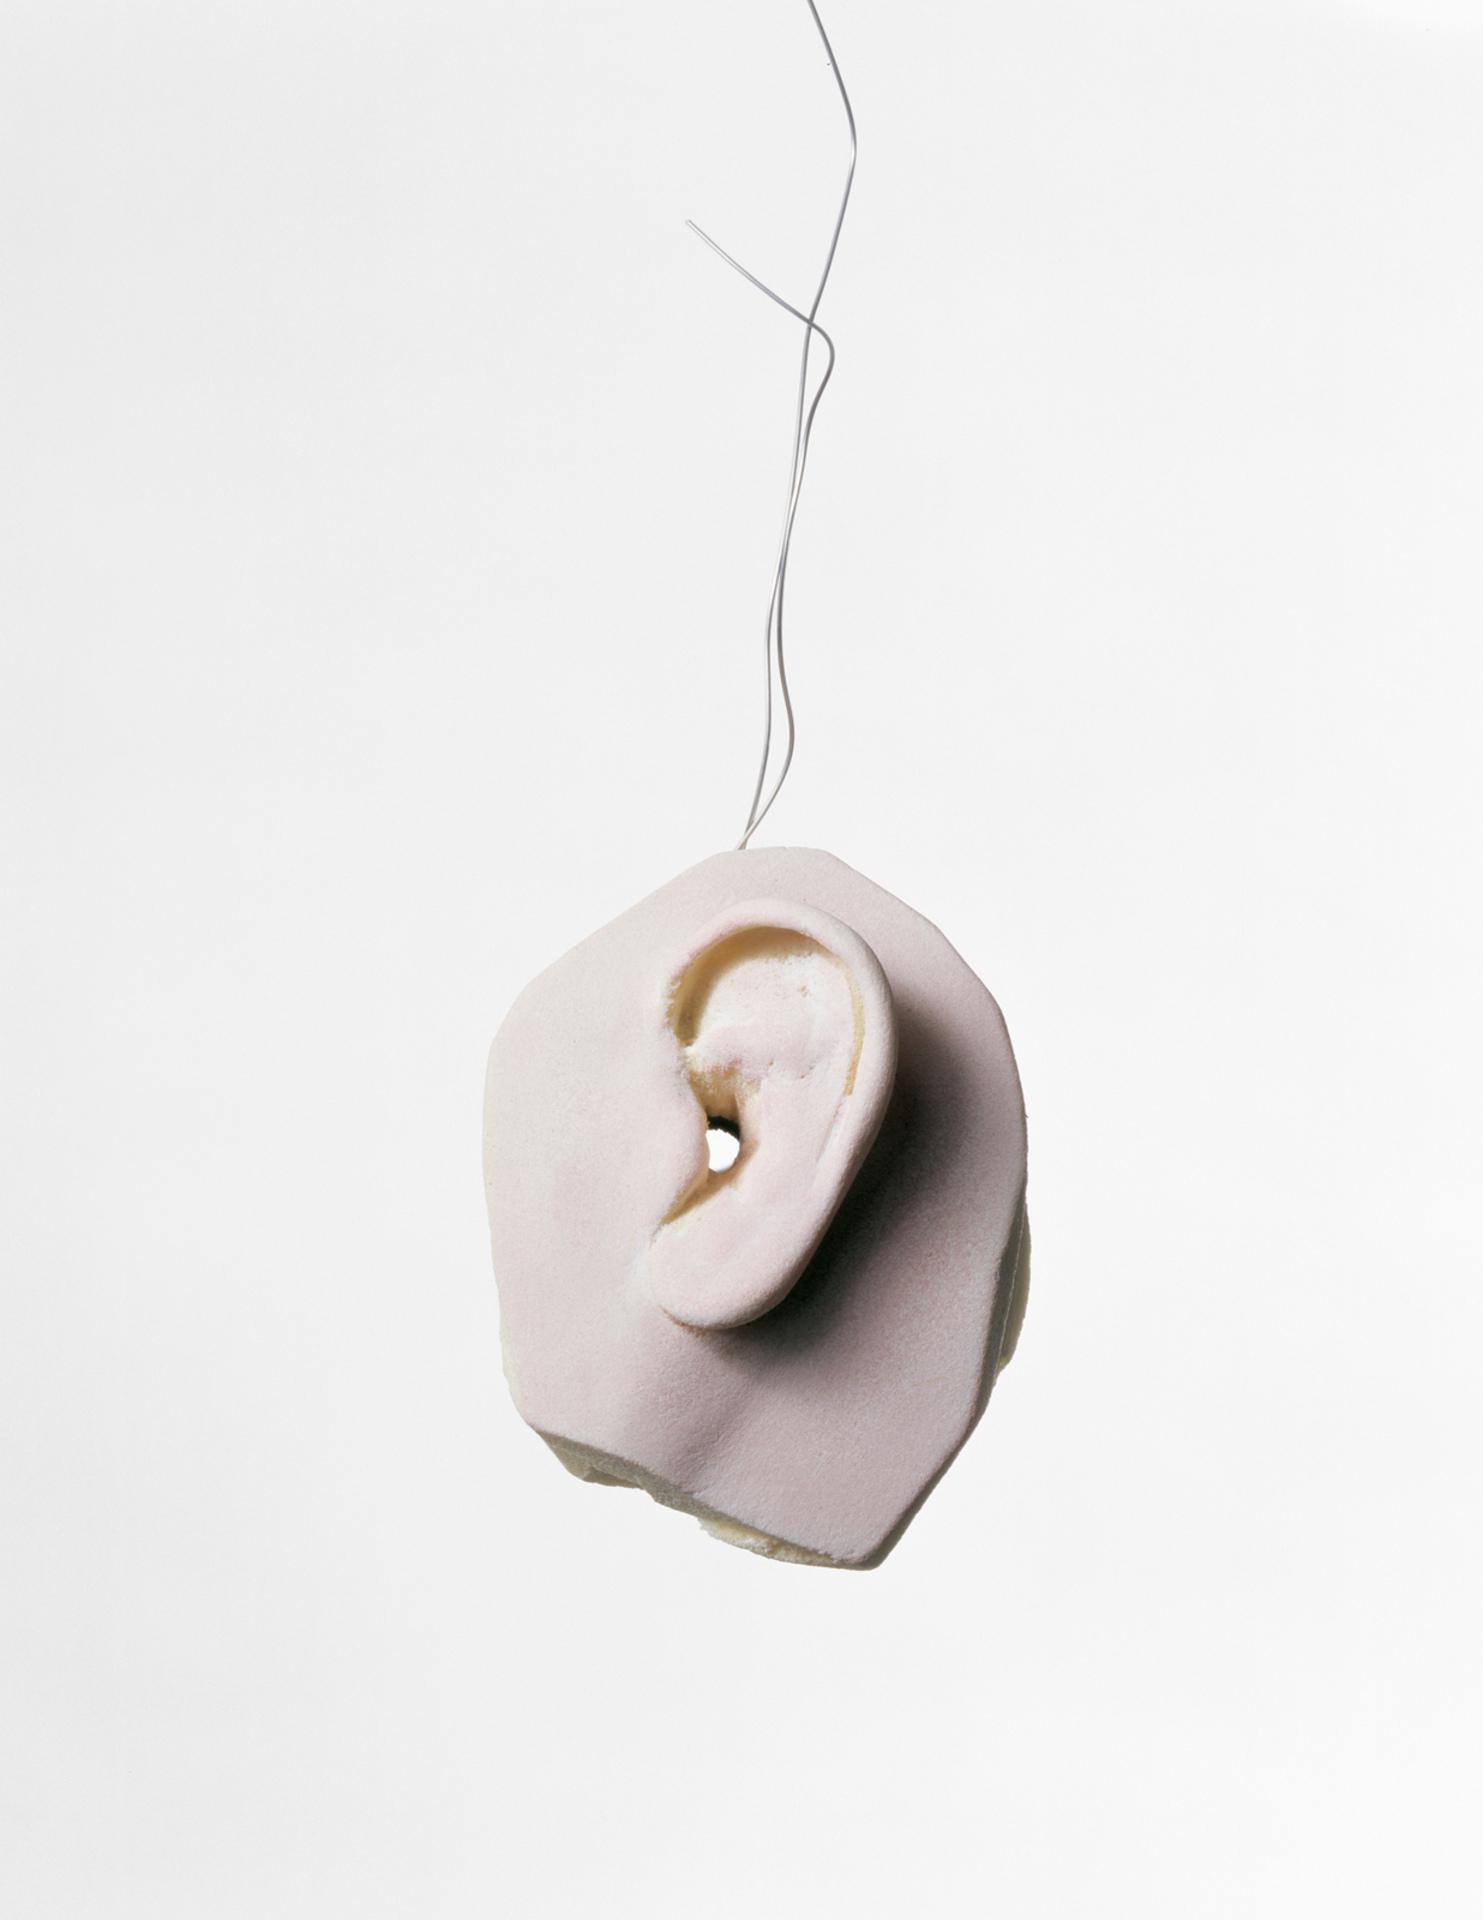 Untitled (Holes)